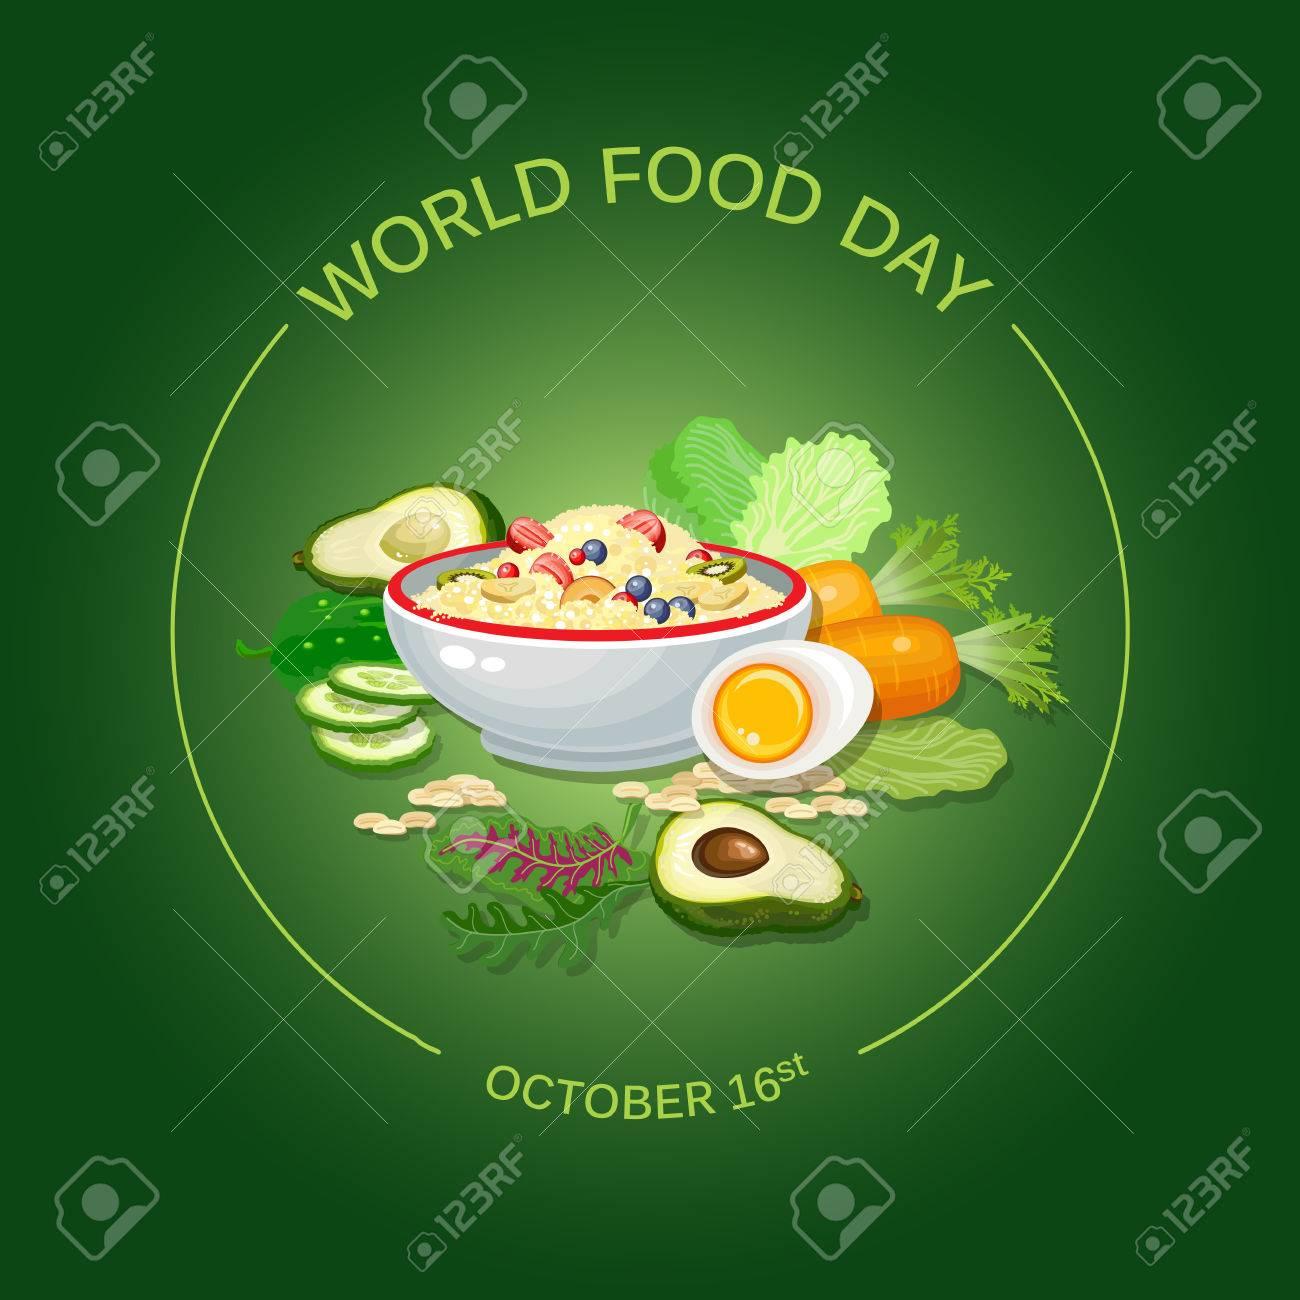 Ilustracion Del Vector Del Dia Mundial De La Alimentacion Tarjeta De Felicitacion Cartel Ilustraciones Vectoriales Clip Art Vectorizado Libre De Derechos Image 86956994